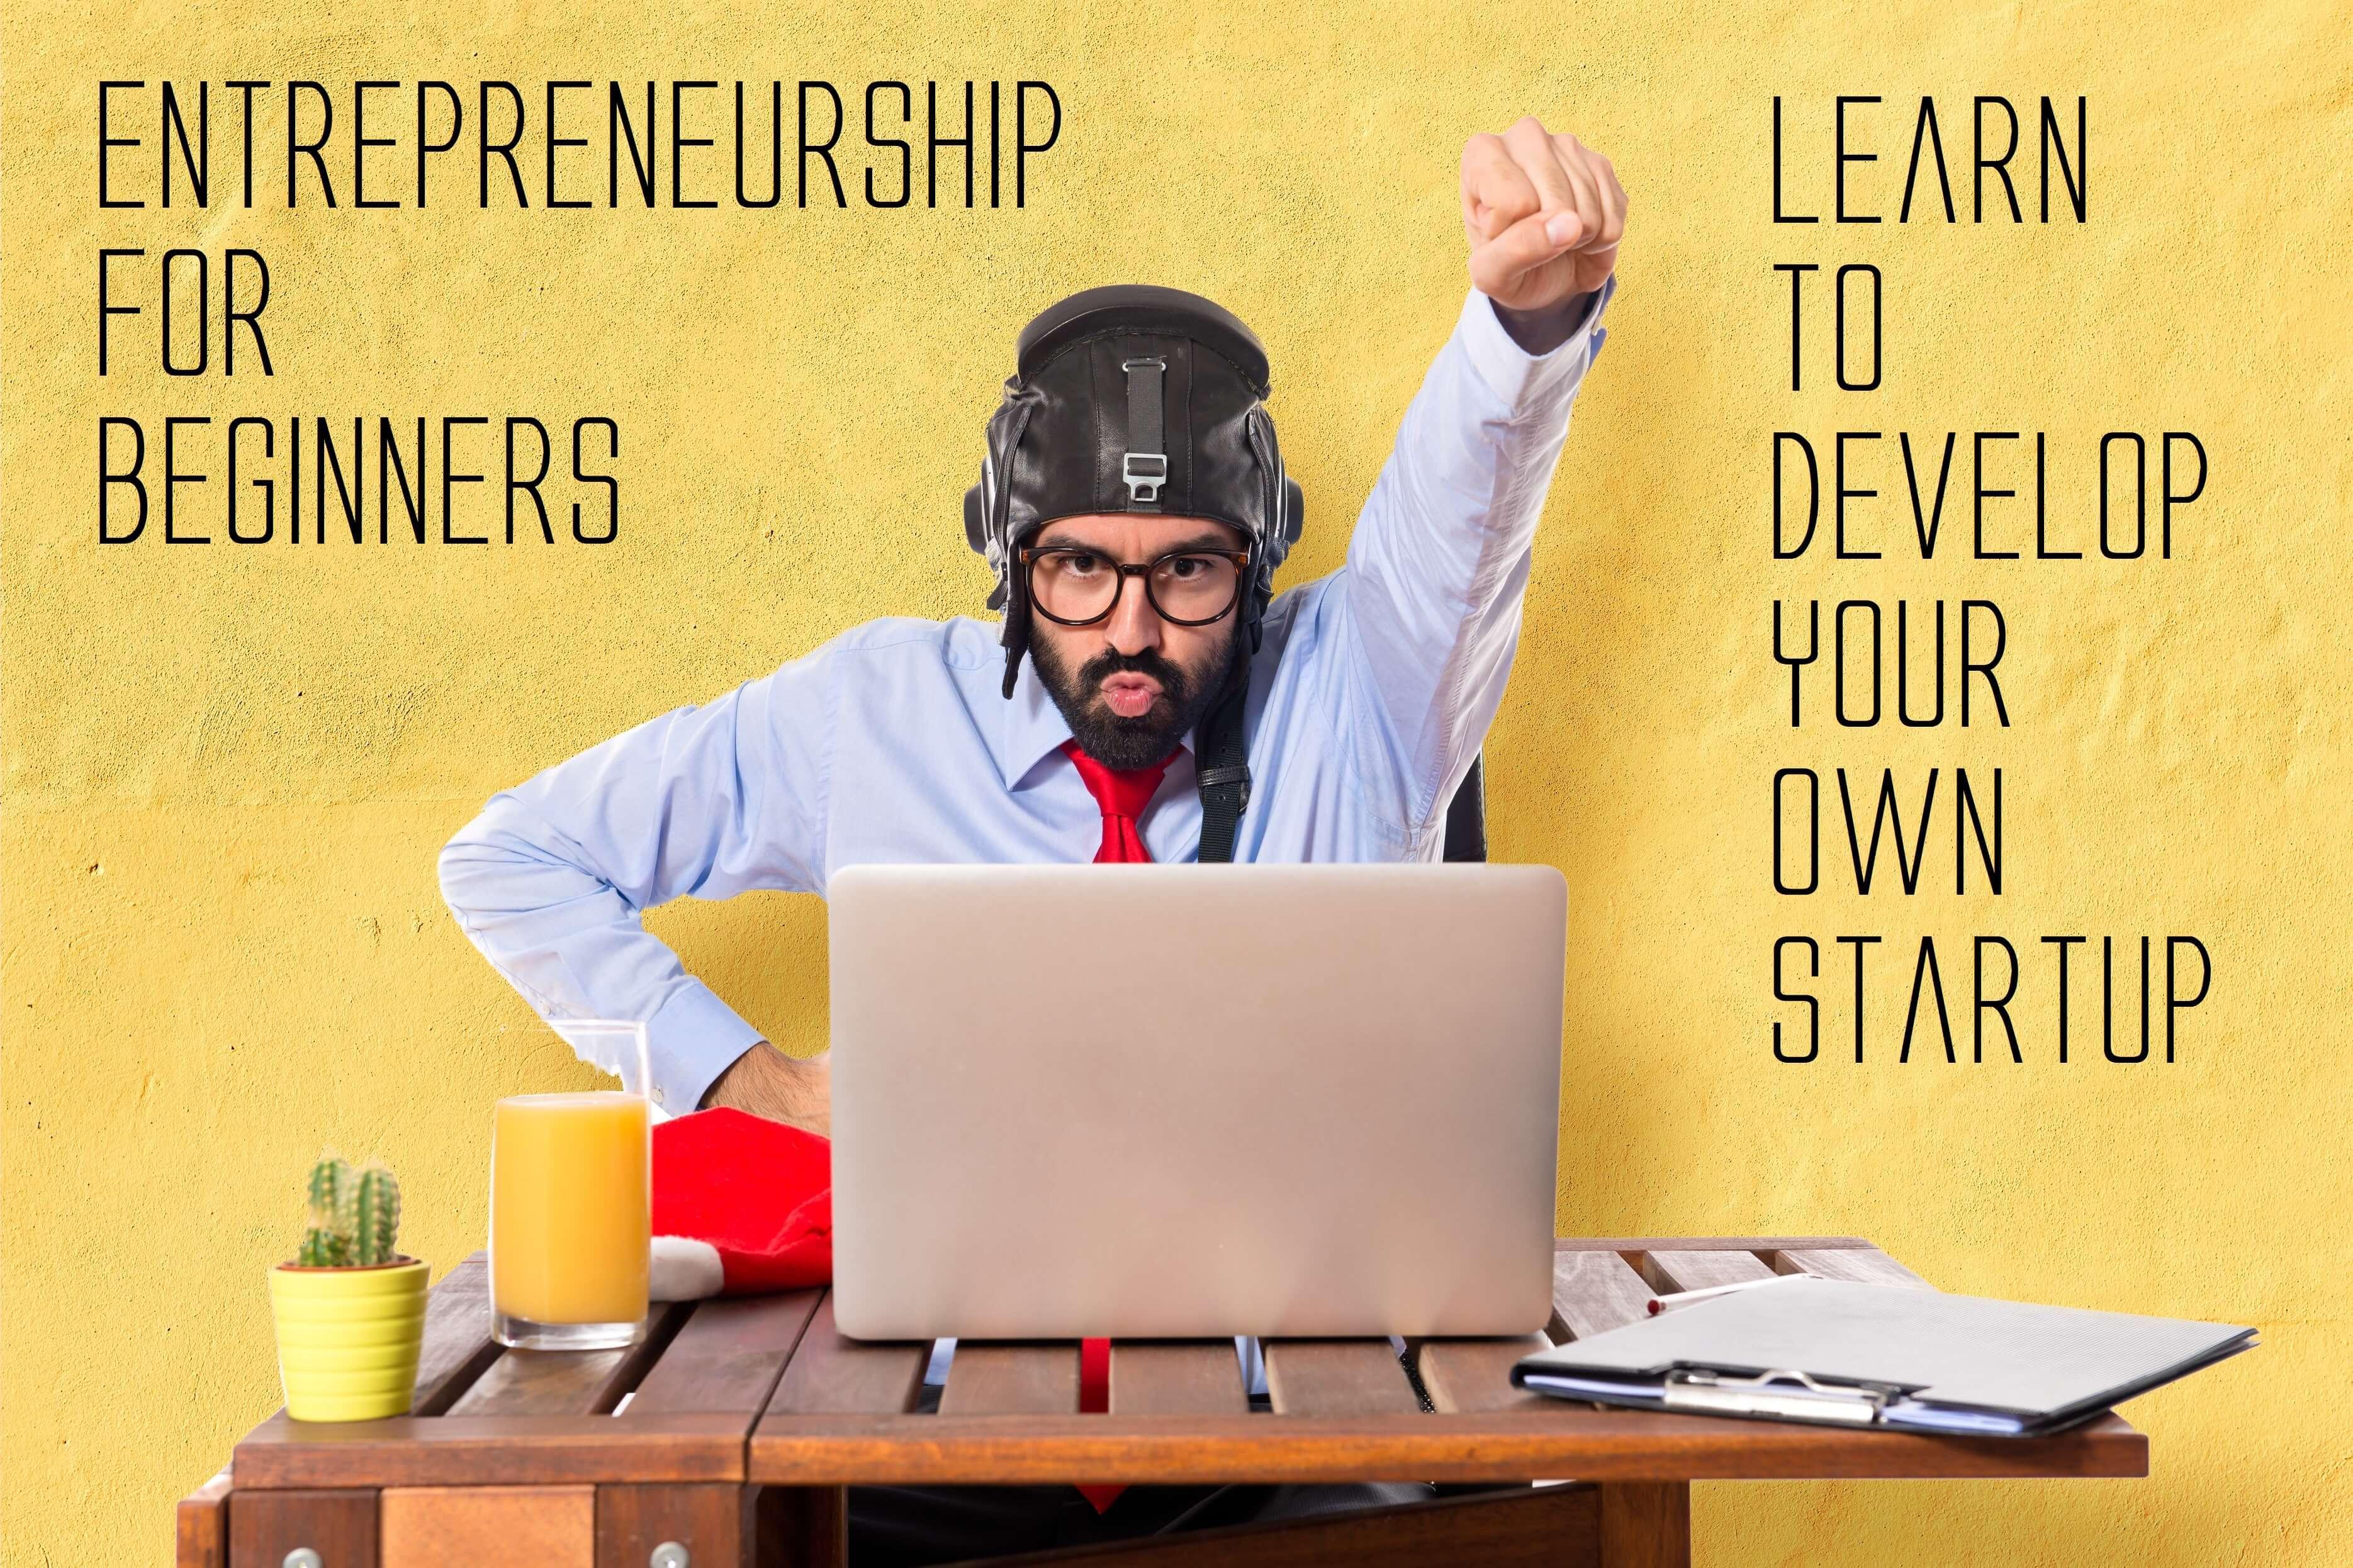 Entrepreneurship for Beginners - Startup | Entrepreneur Hackathon Webinar